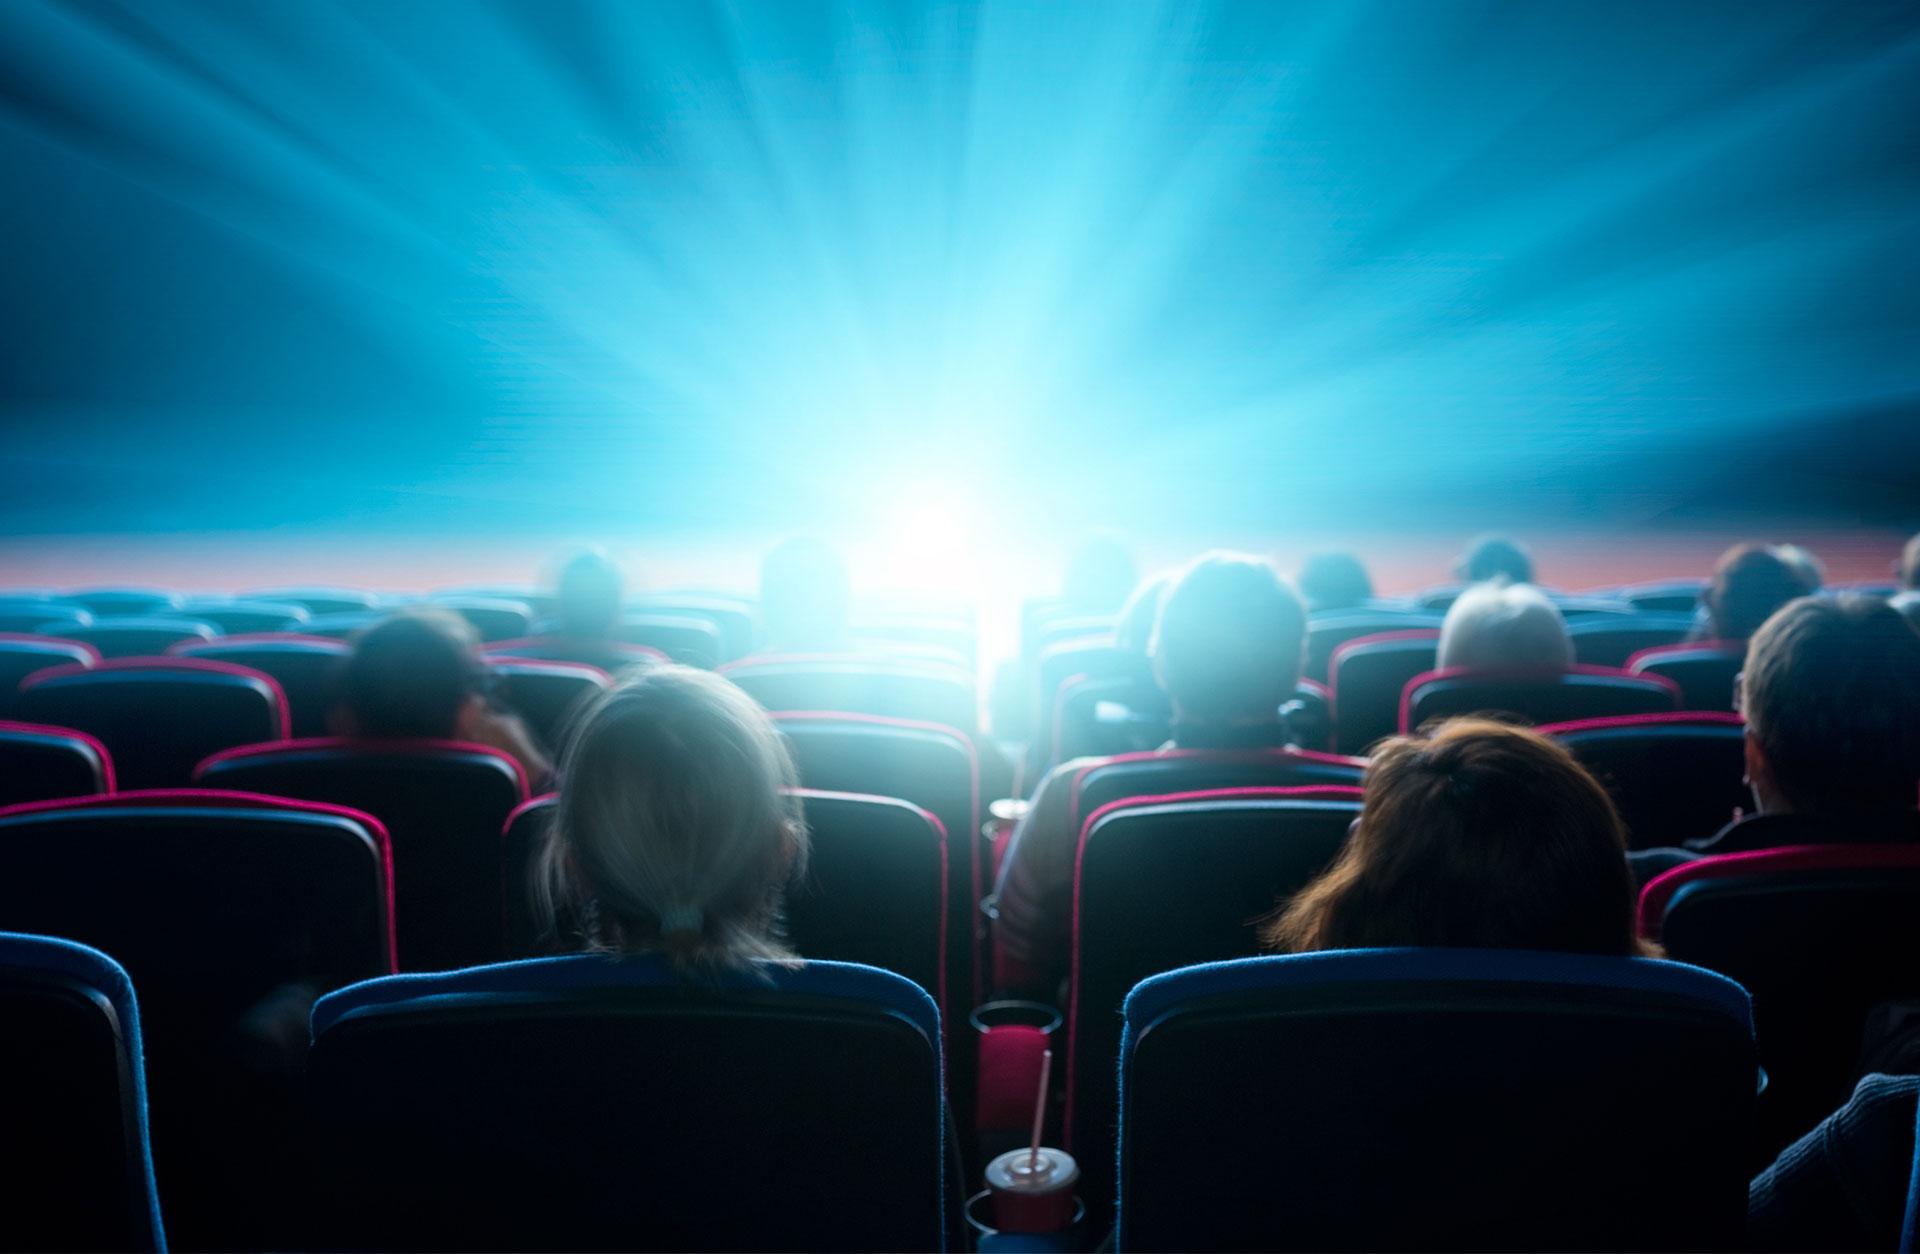 Publik sitter i en biosalong med motljus.